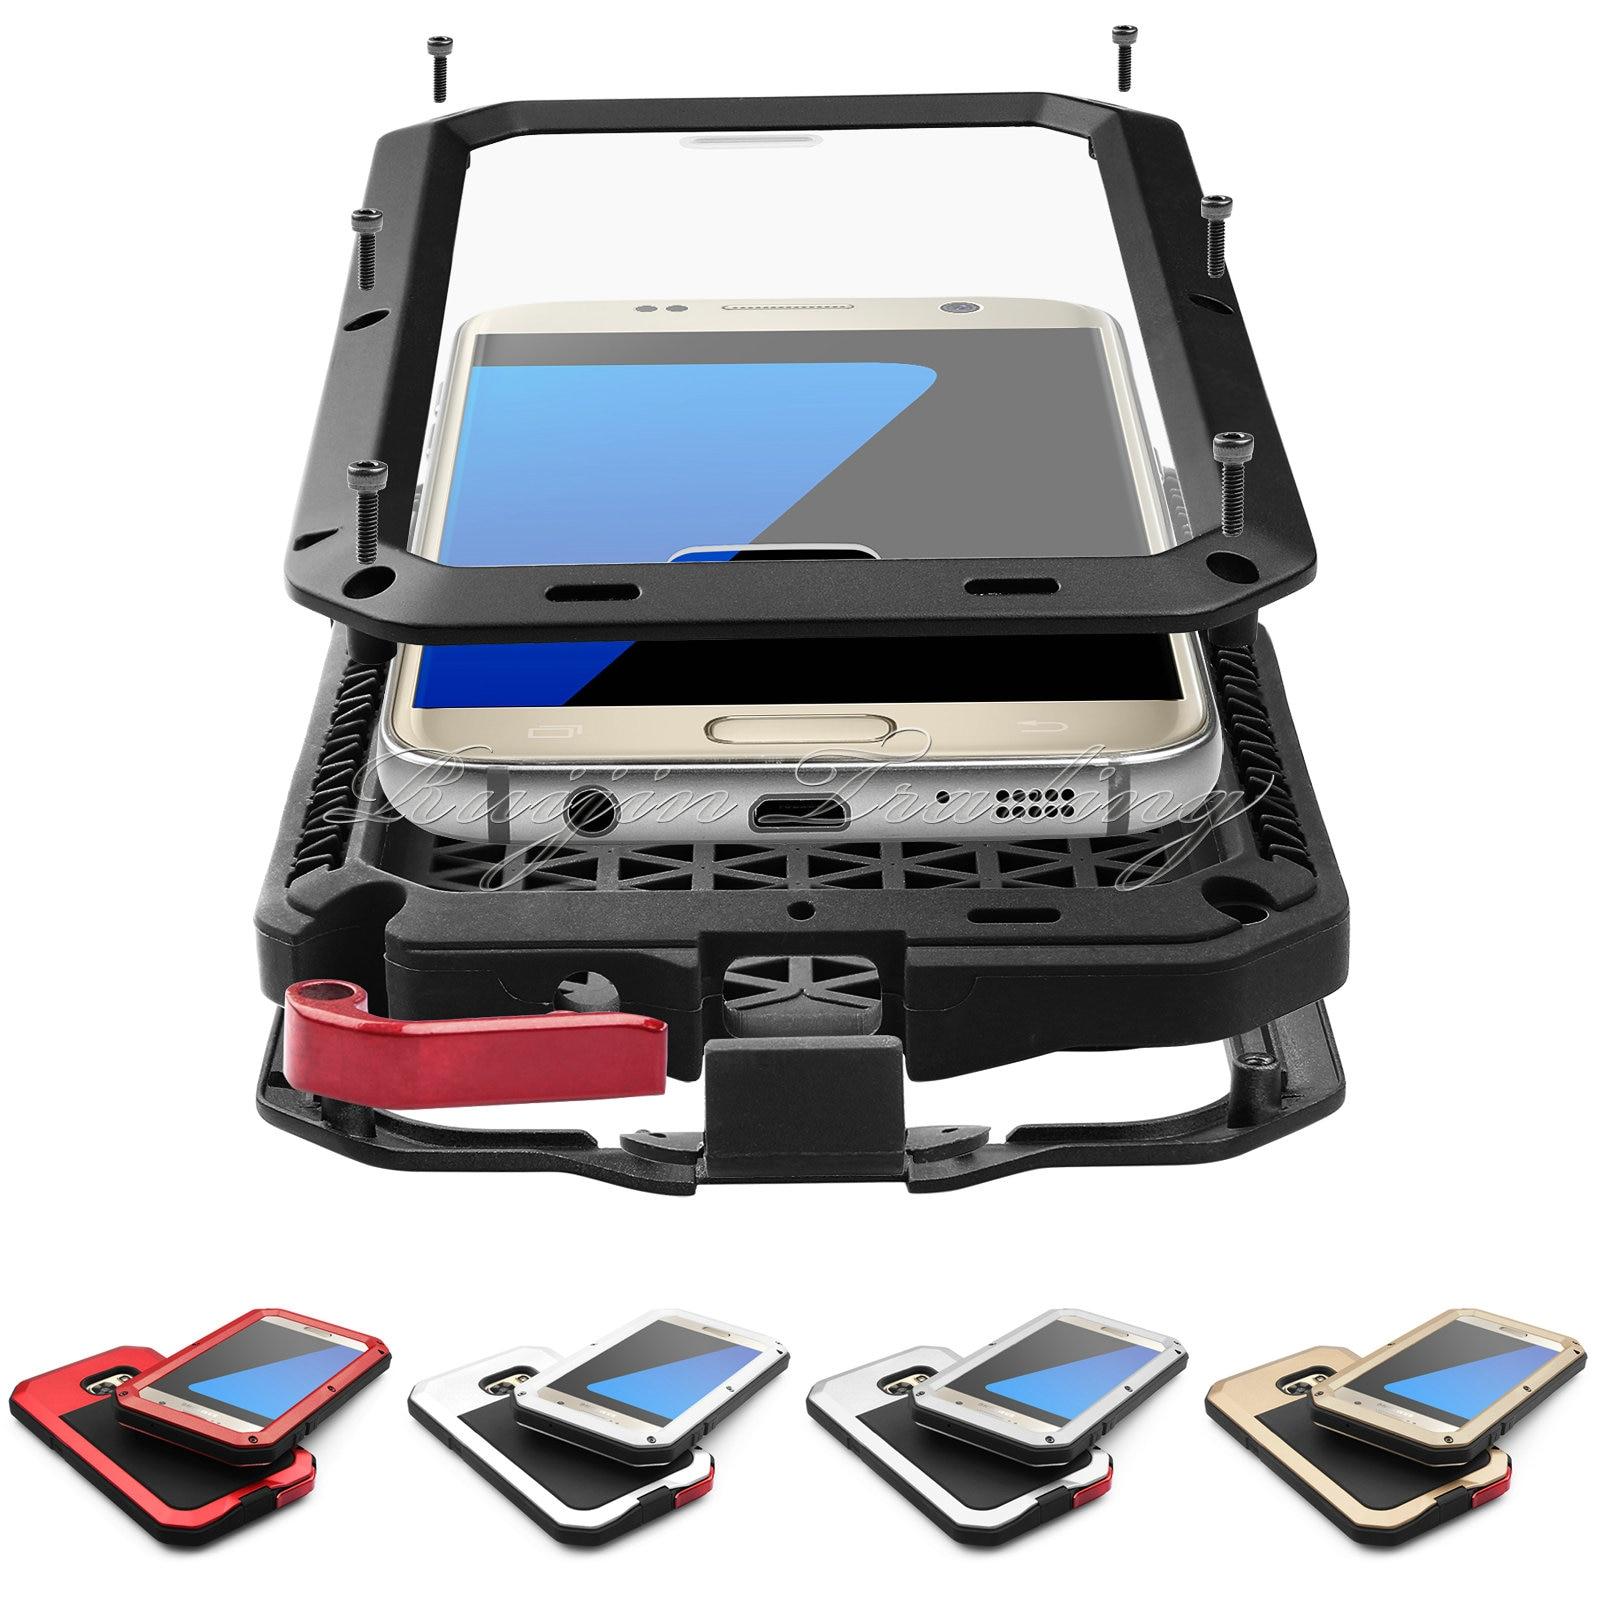 A prueba de golpes para Samsung Galaxy S4 S5 S6 S7 borde Nota 4 5 IPX3 impermeable de aluminio Gorilla de aluminio de vidrio protector cubierta